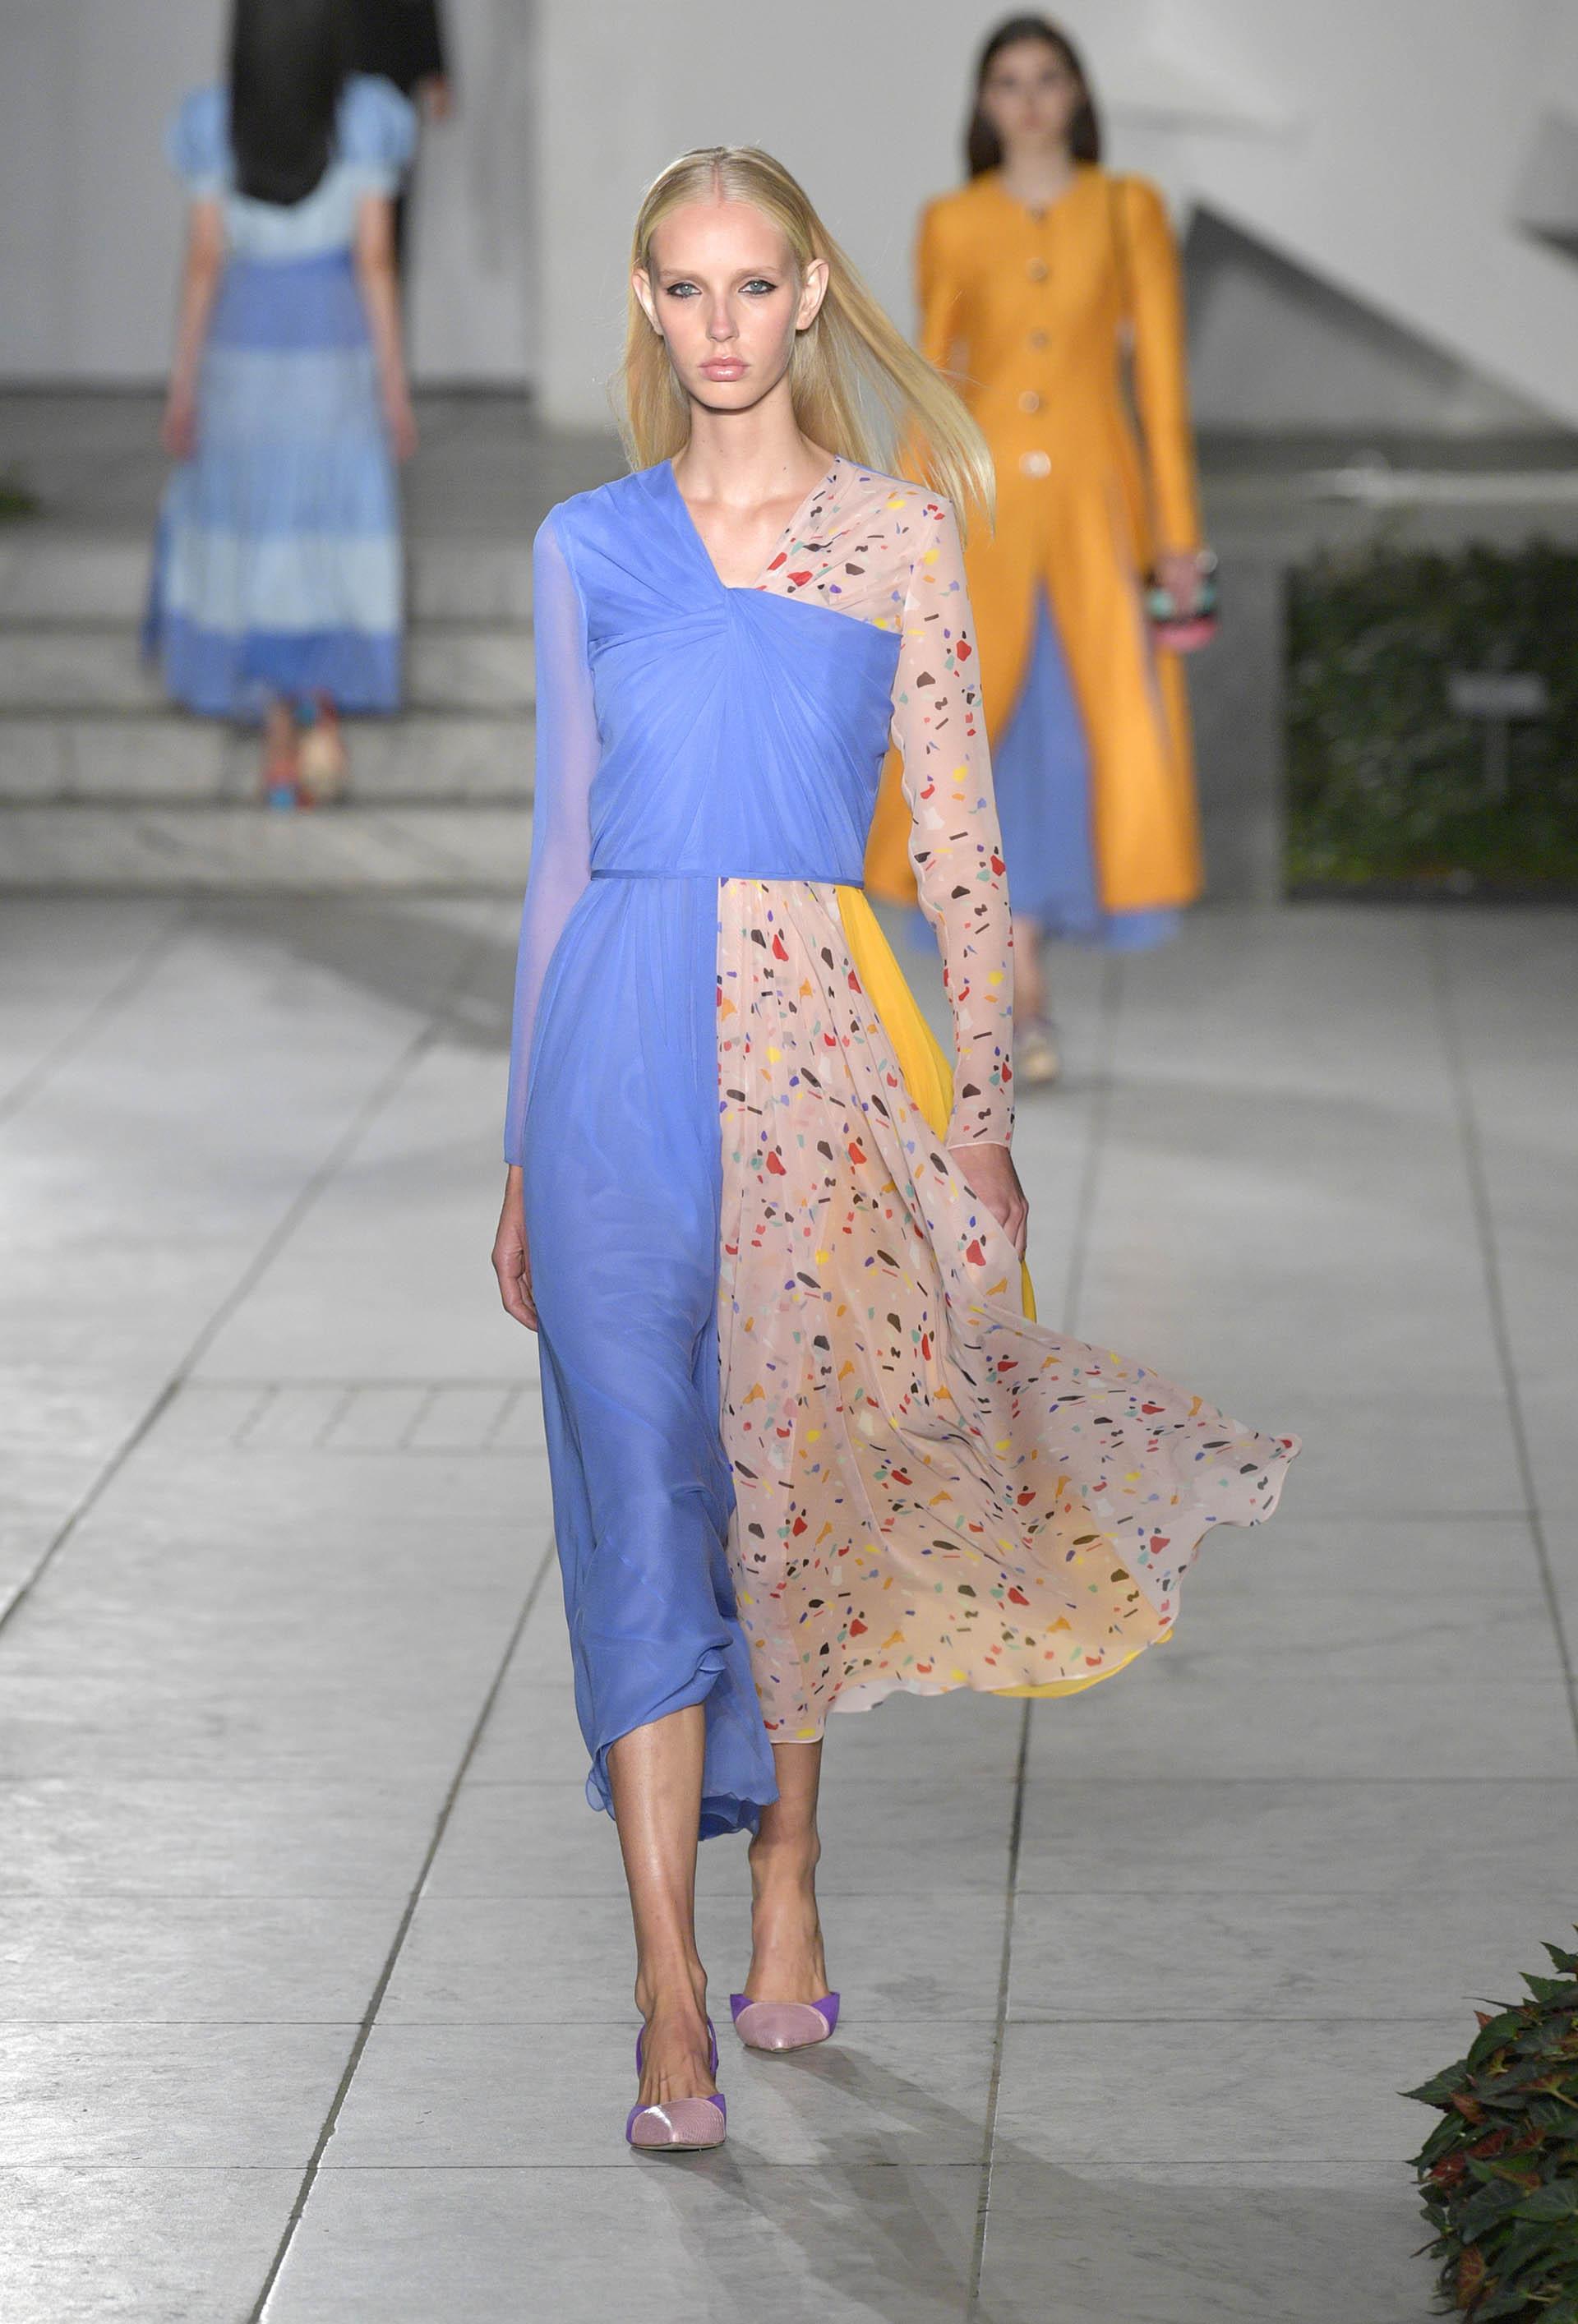 Tejidos ligeros con movimiento son parte de la propuesta de primavera-verano presentada en el marco de la Semana de la Moda en Nueva York (Slaven Vlasic/Getty Images For TRESemme Carolina Herrera)